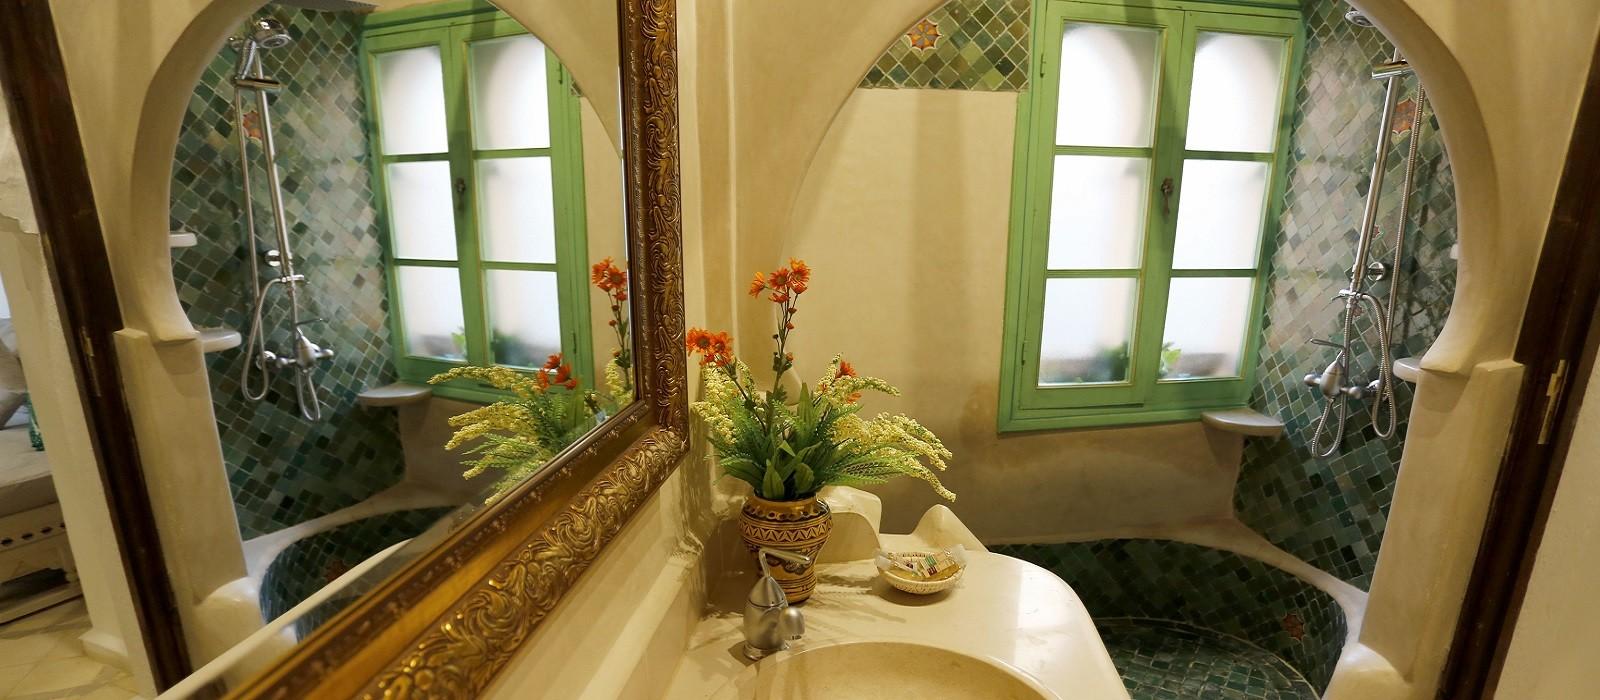 Hotel Riad Chérifa Morocco